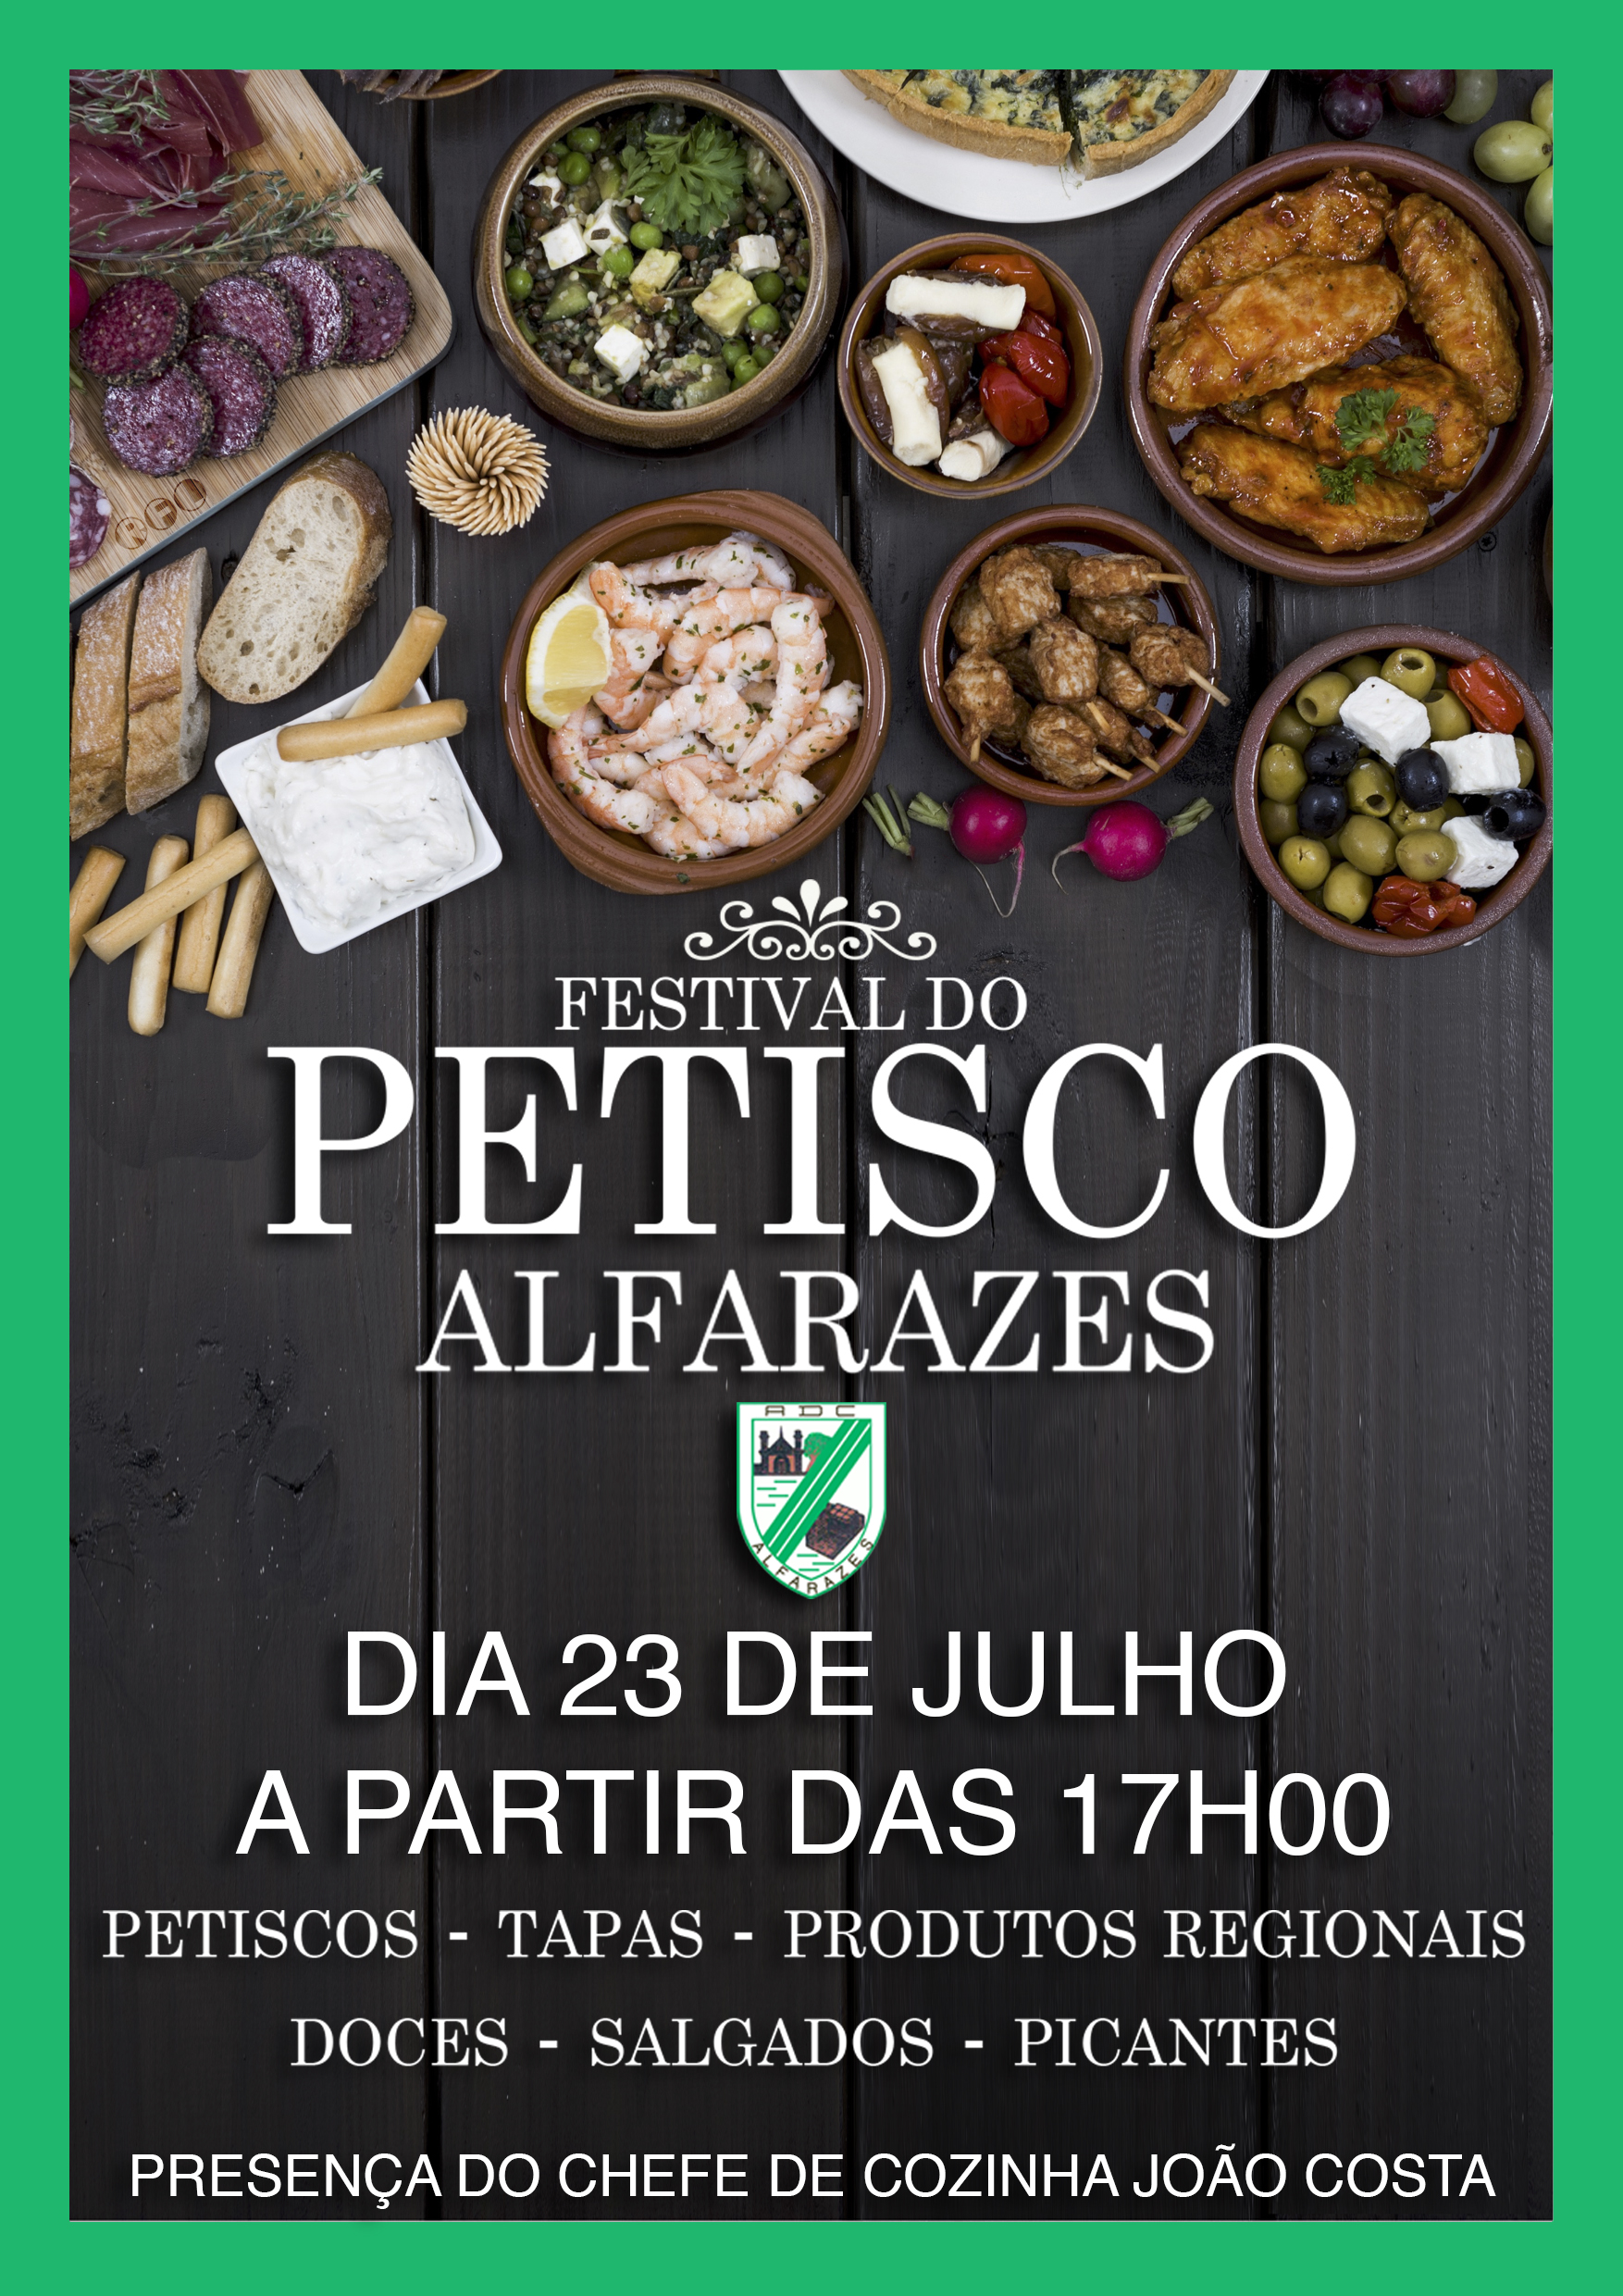 Festival do Petisco em Alfarazes